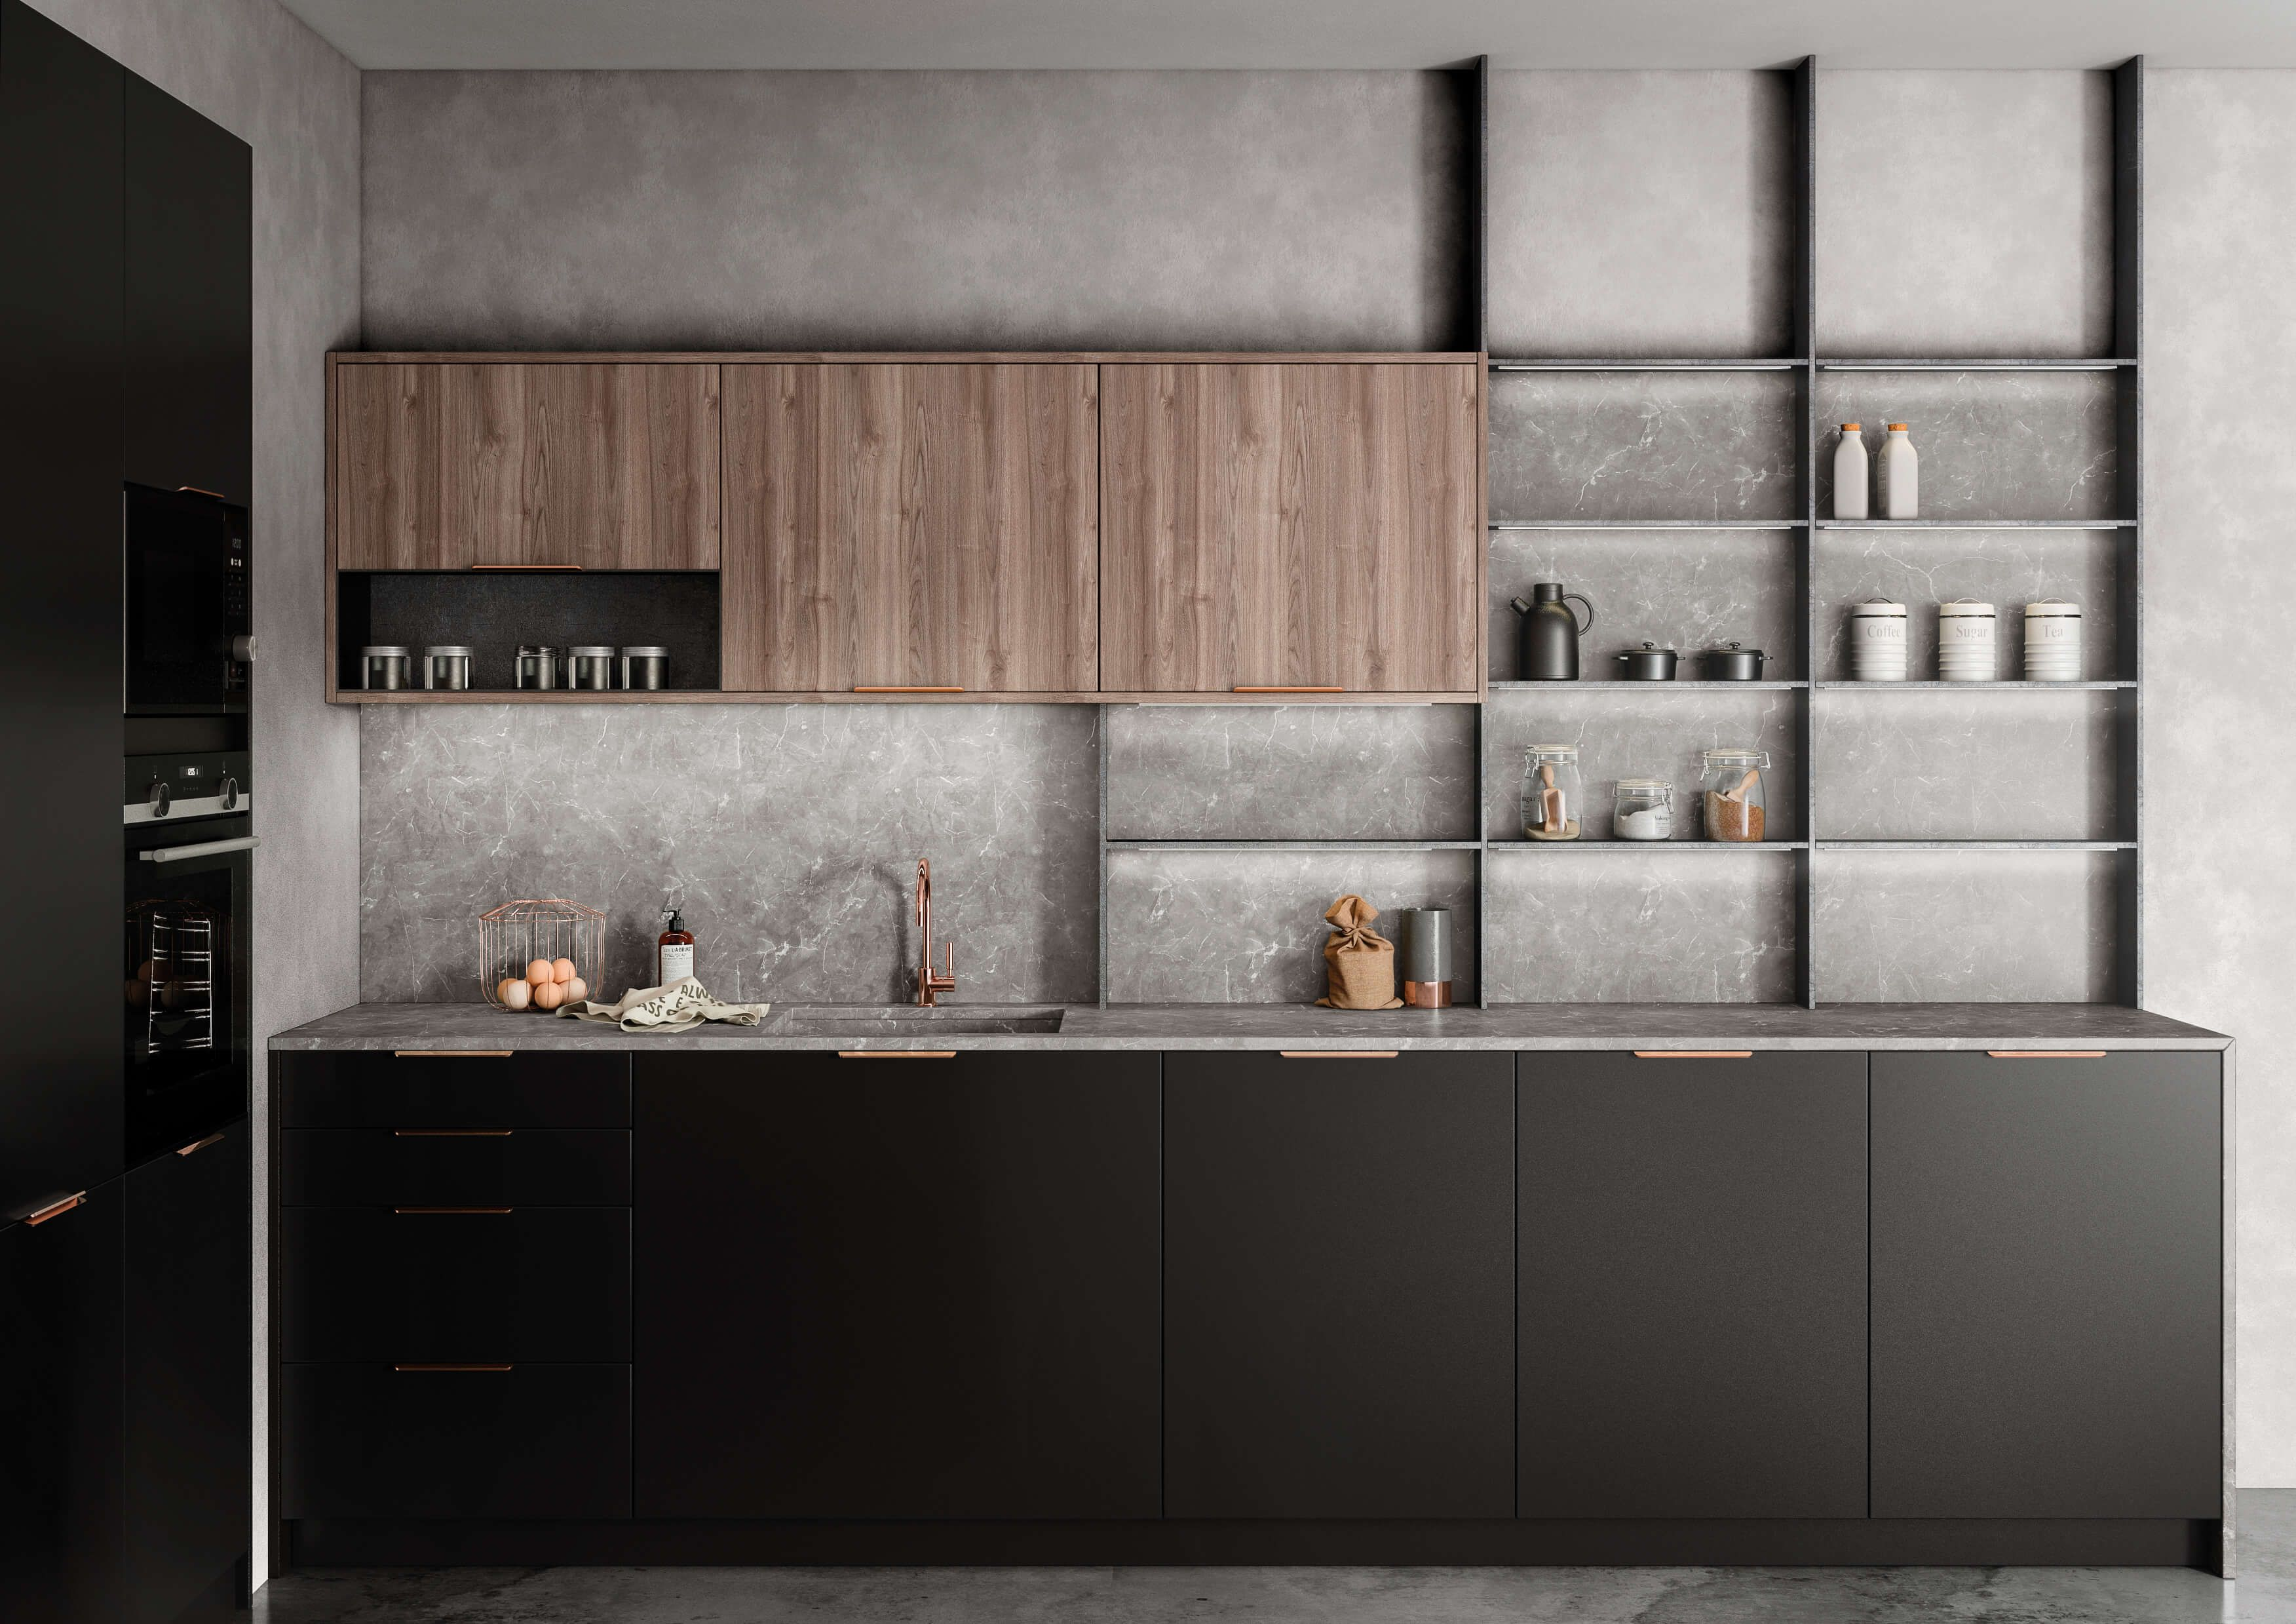 Tpc Cocinas Galeria Muebles De Cocina Encimeras Oscuras